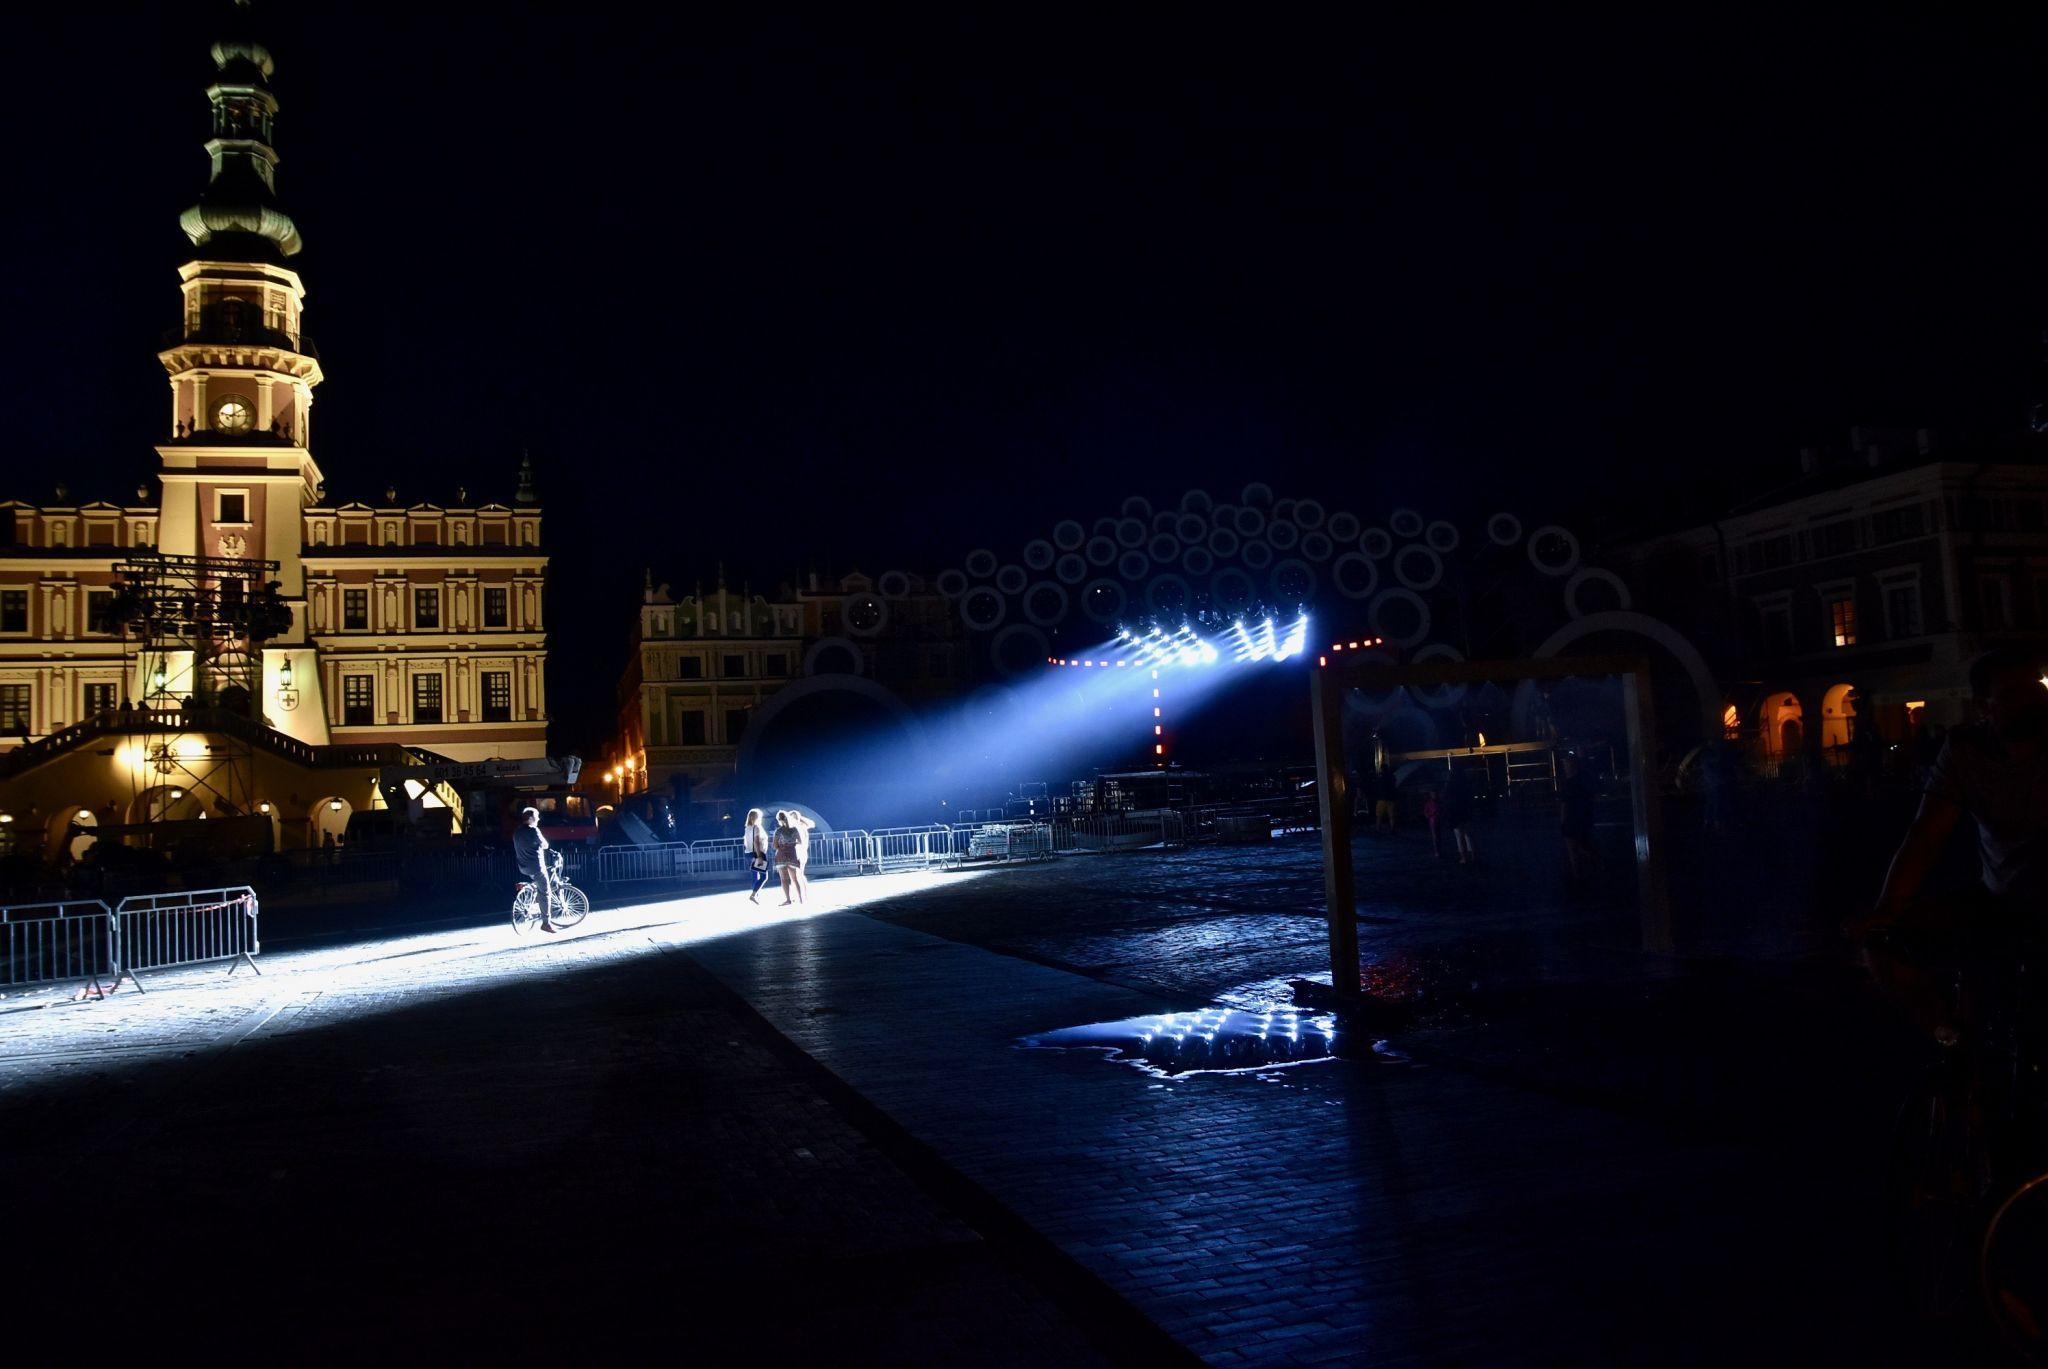 dsc 3001 Kolorowo na Rynku Wielkim - trwają próby oświetleniowe (zdjęcia)